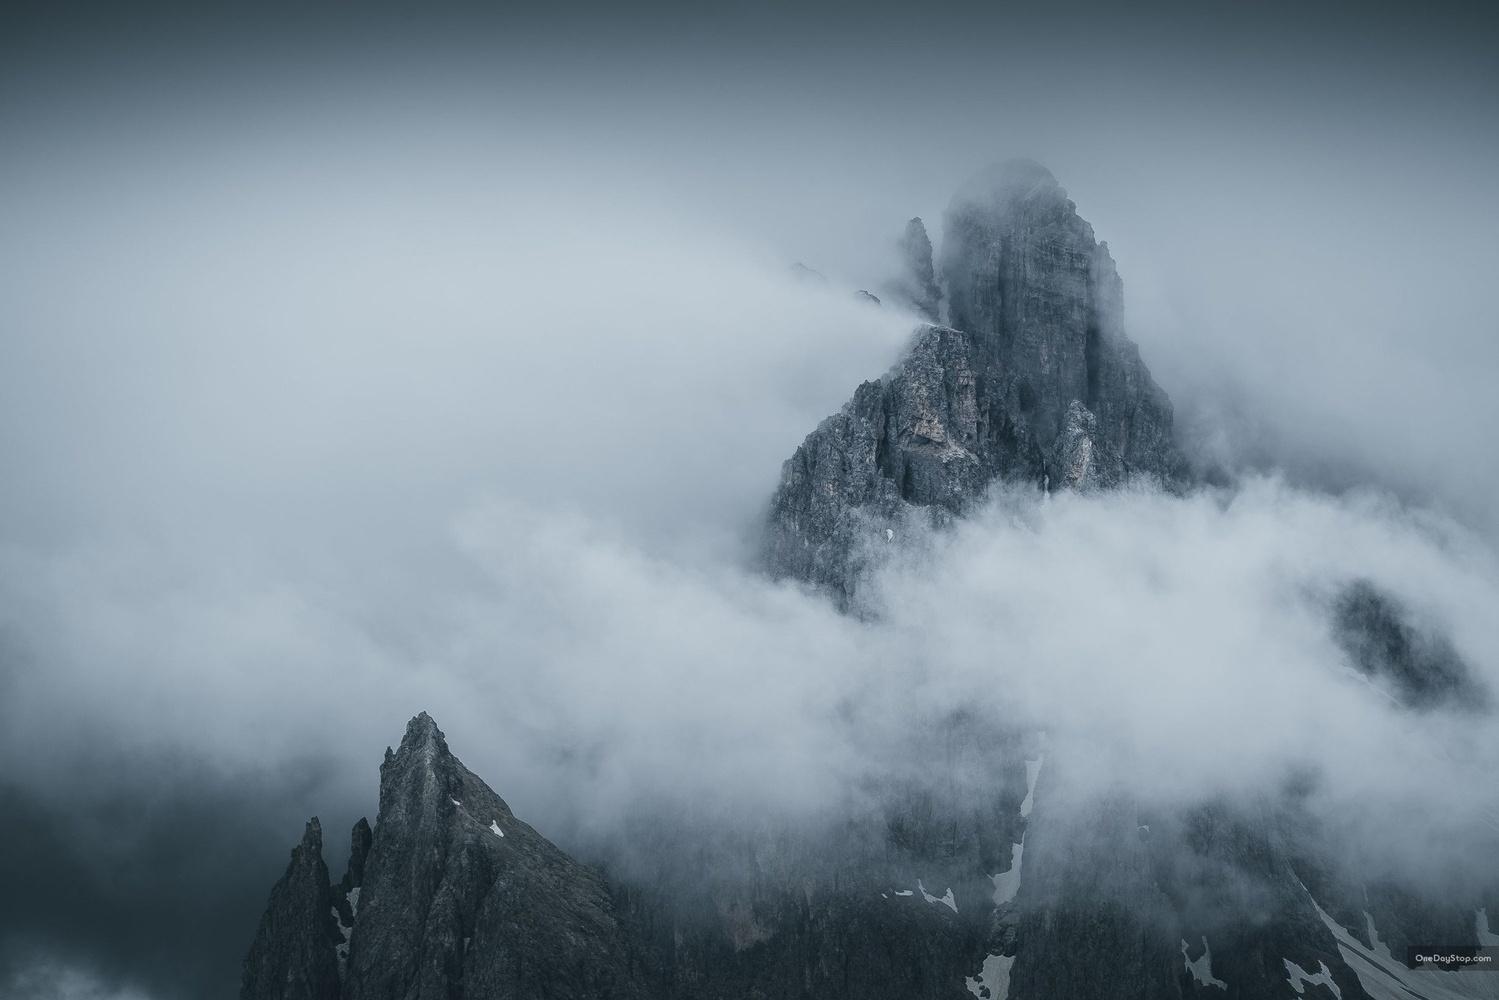 Storm in the Dolomites by Maciej Karpinski